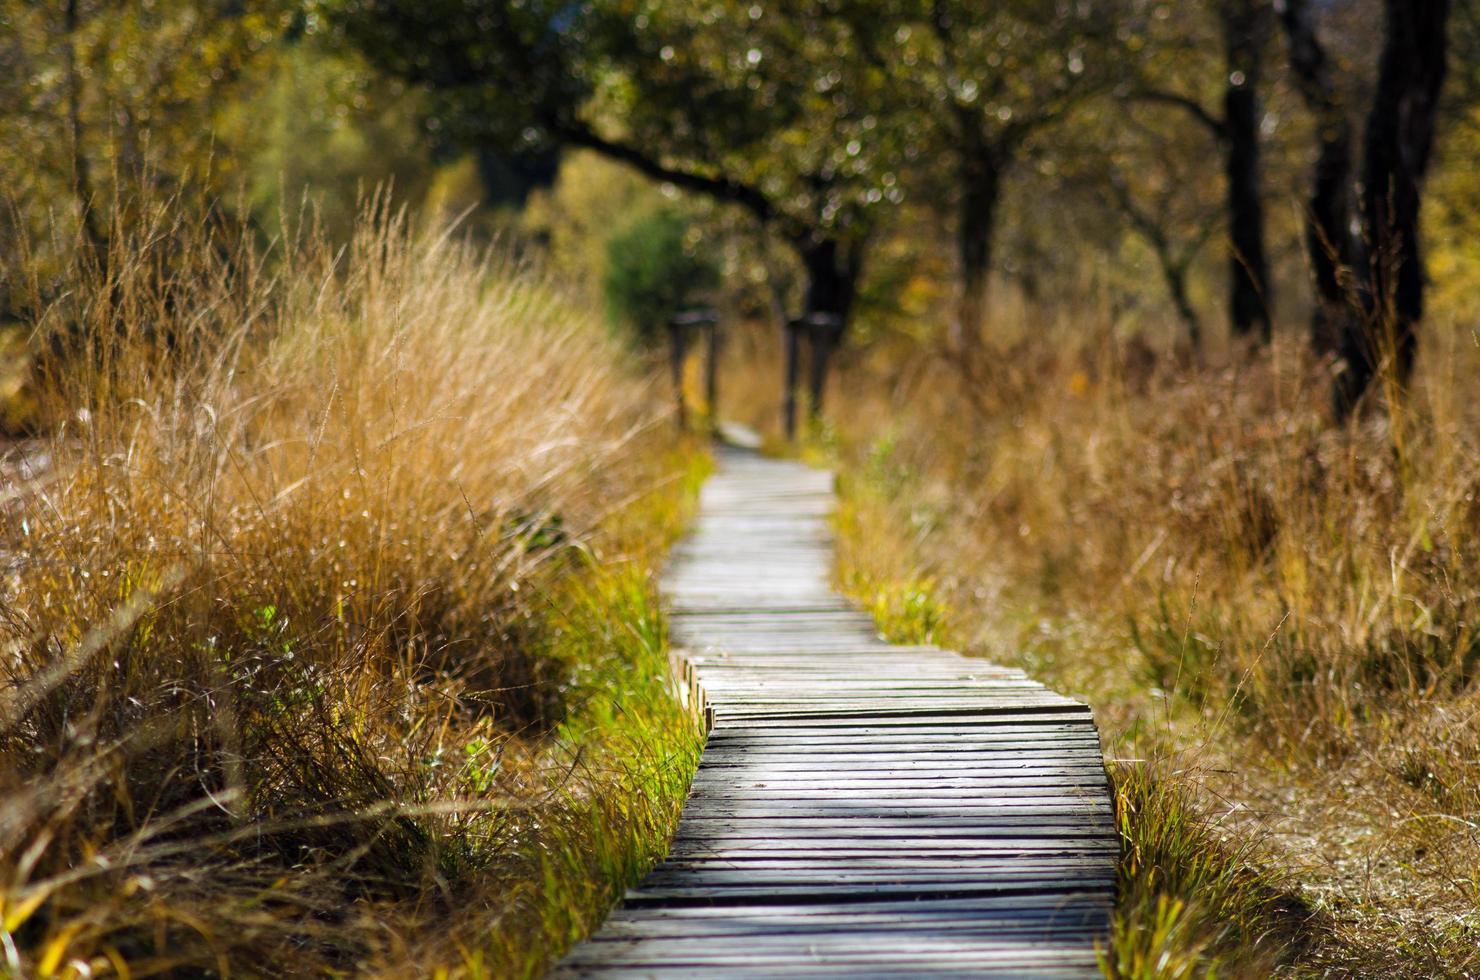 percorso in legno attraverso la natura foto